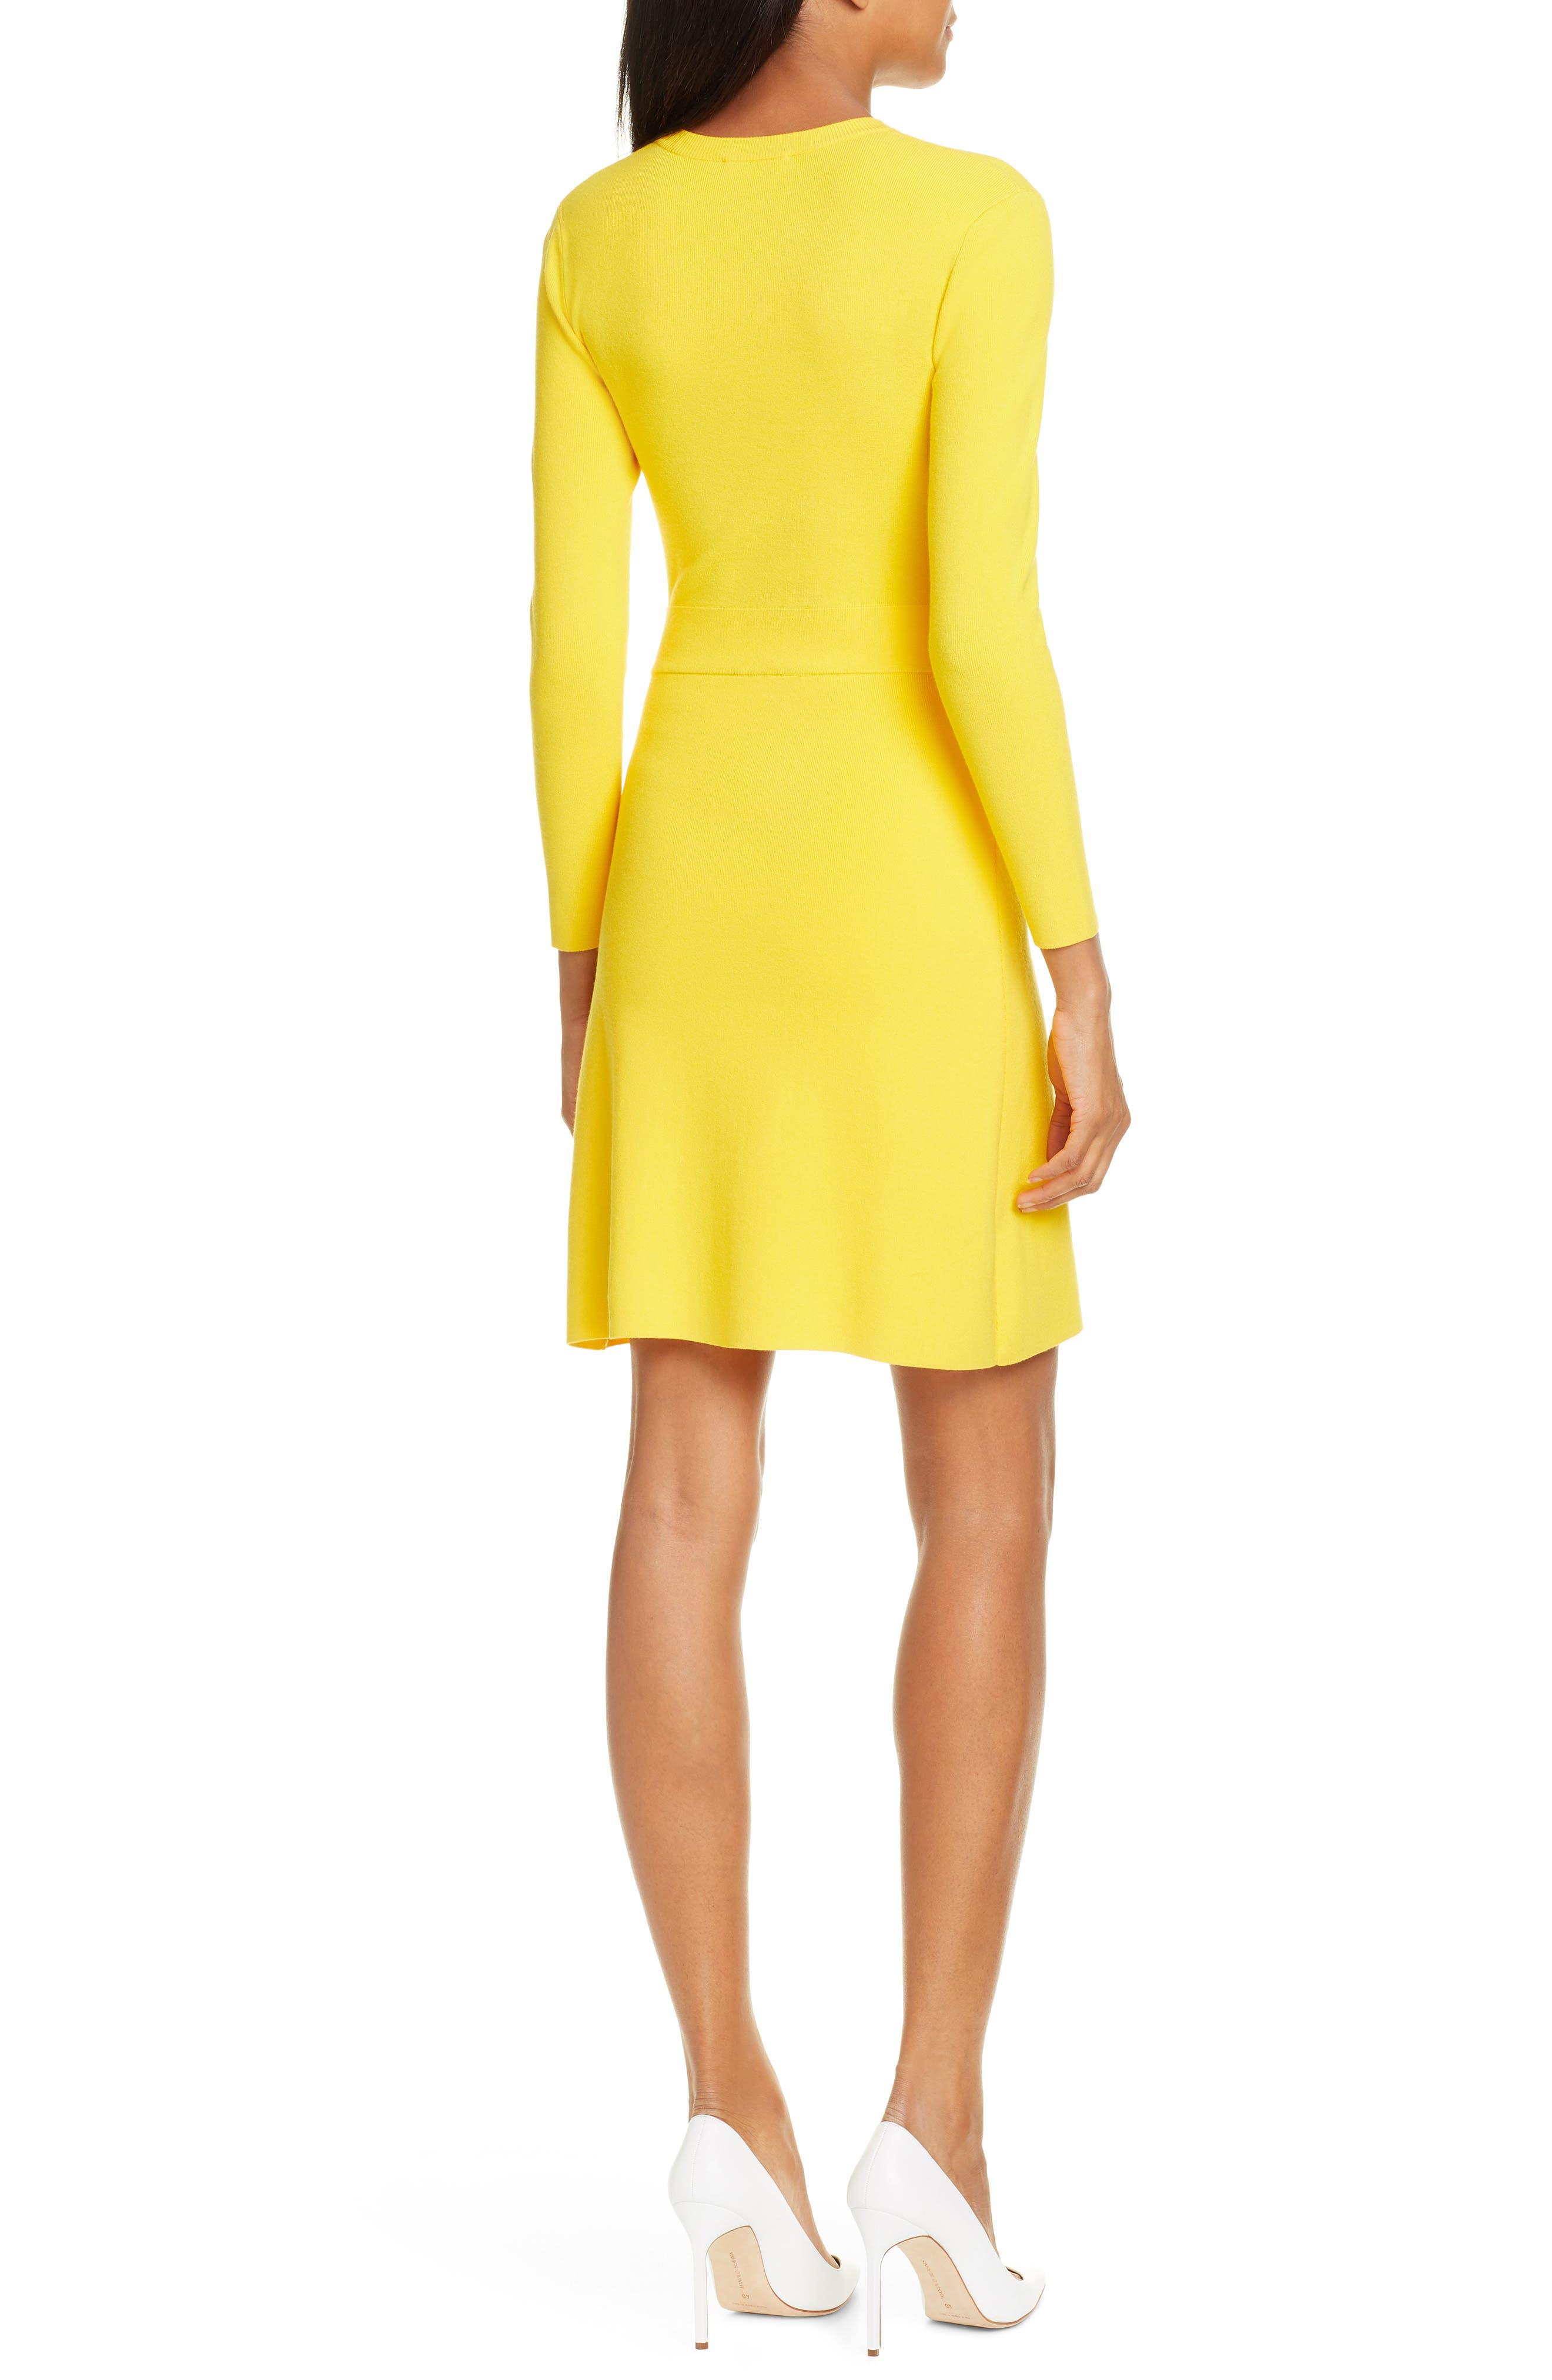 630e64e909 Women s A.L.C. Dresses